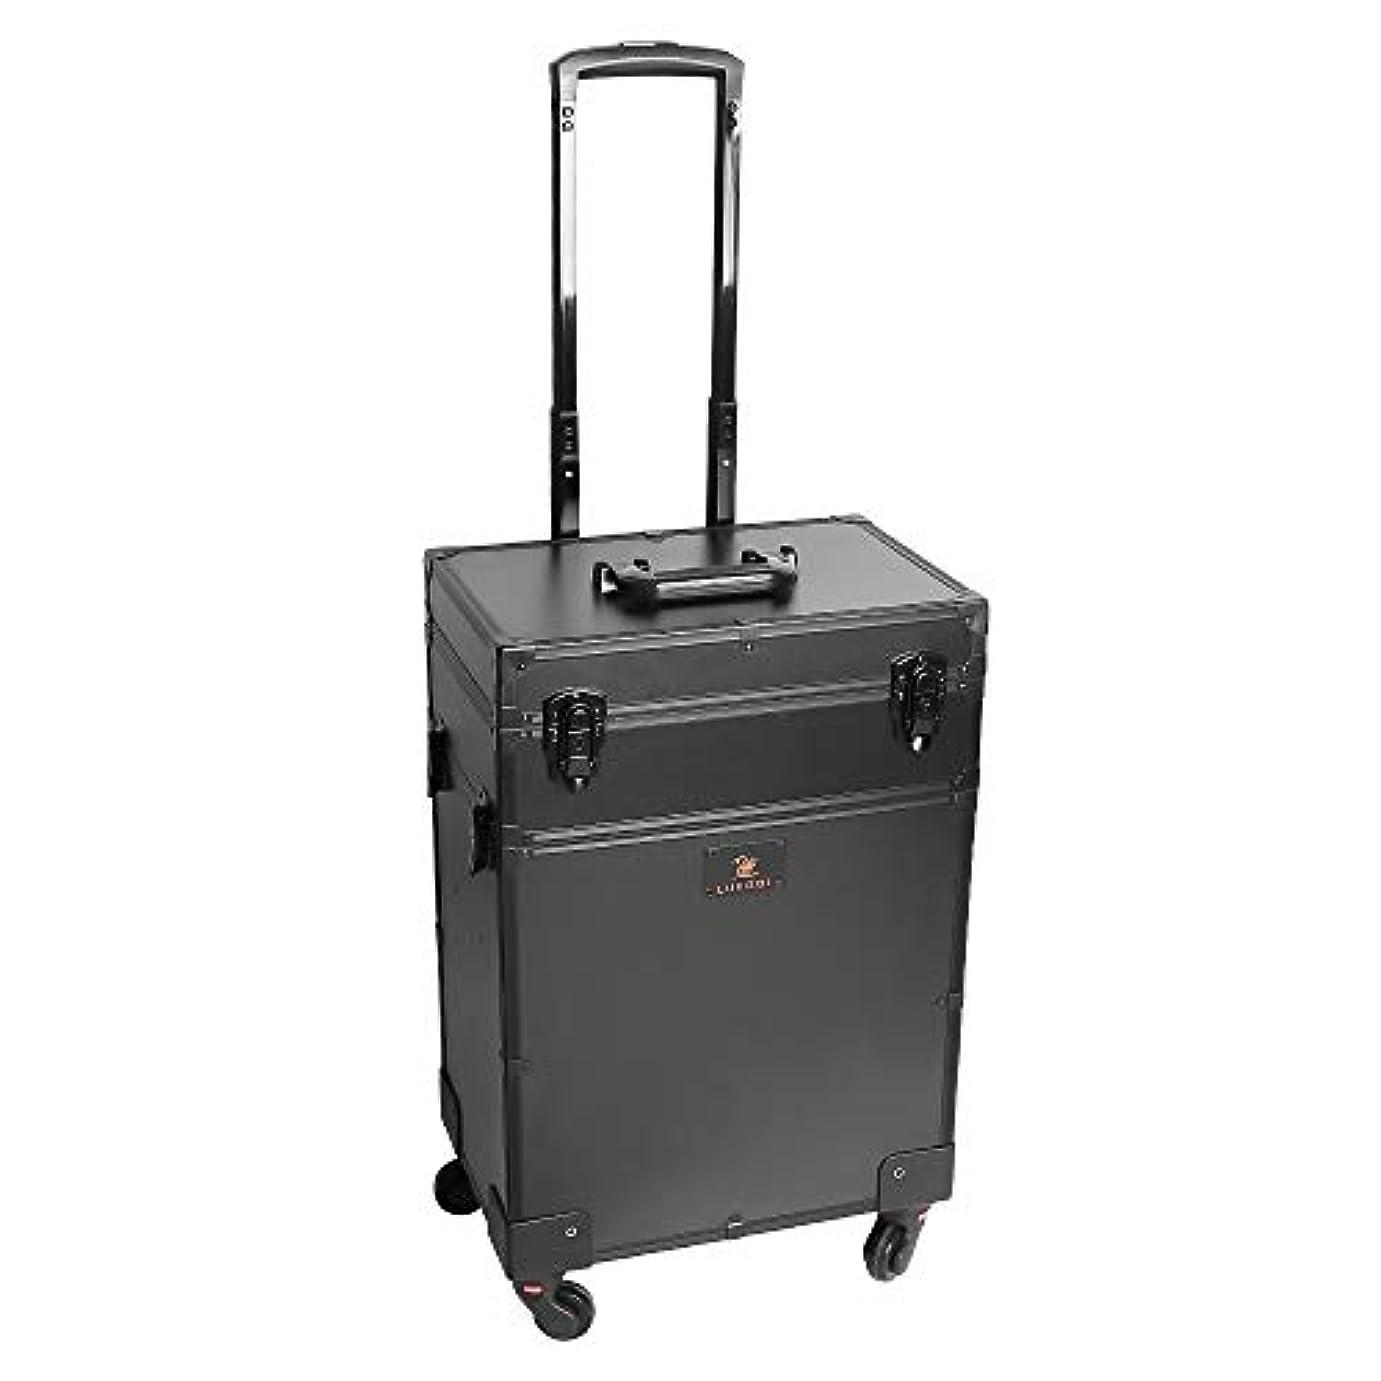 必要反動なしでLUVODI メイクボックス 鏡付き 大容量 プロ用 メイクキャリーケース ミニドレッサー付き 鍵付き 持ち運び 美容師 業務 旅行 コスメ収納ボックス 化粧箱 ブラック